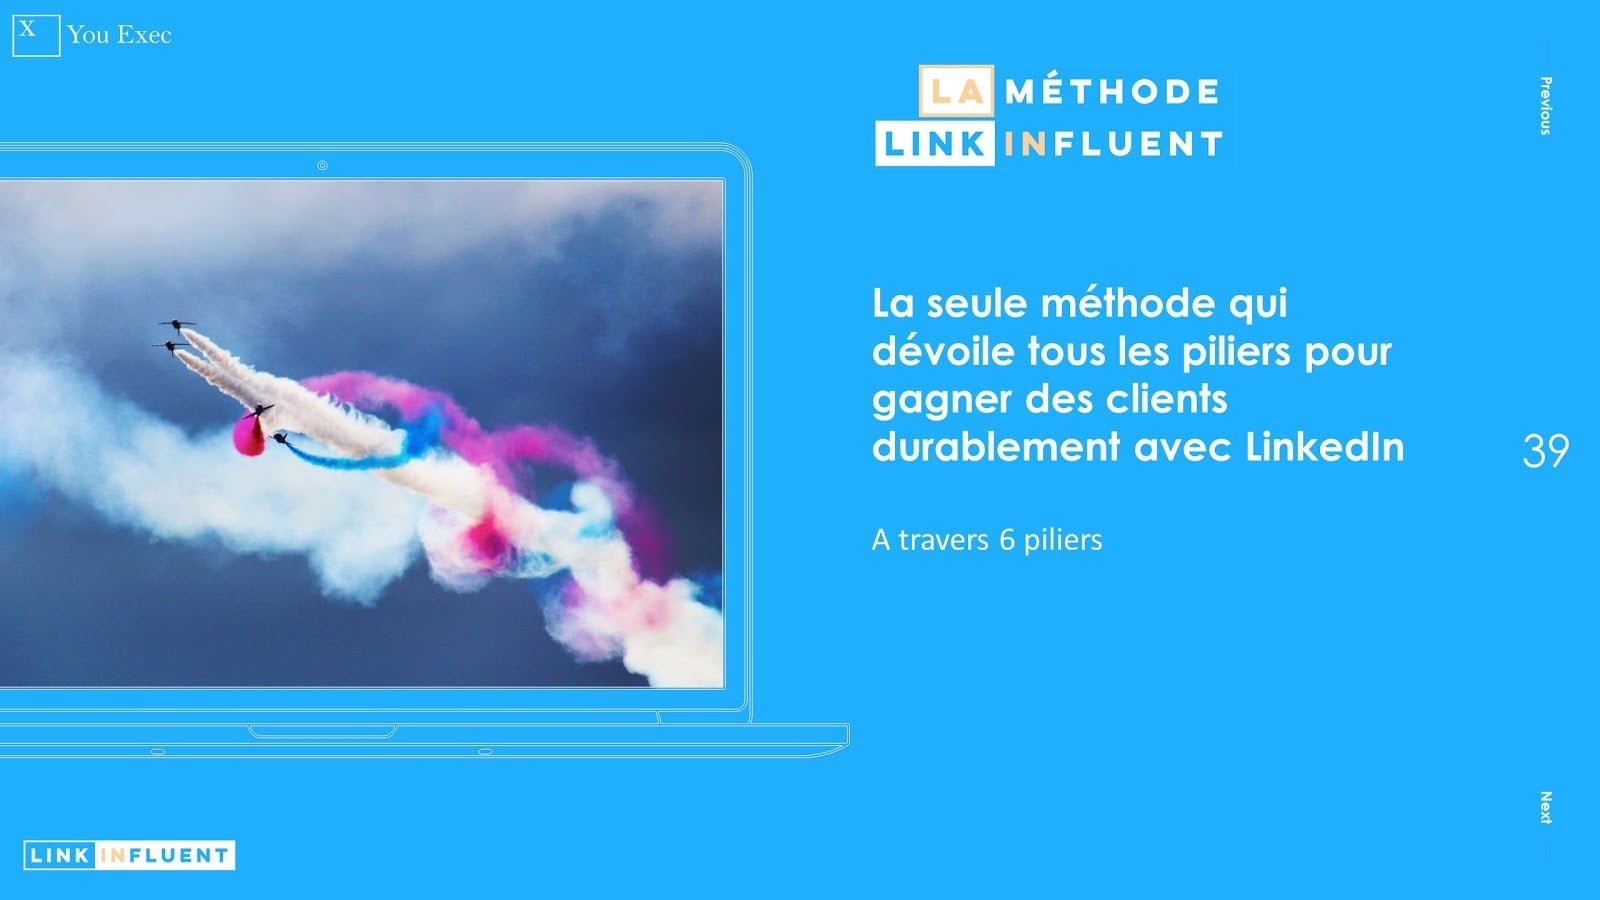 La méthode Proinfluent : 6 piliers